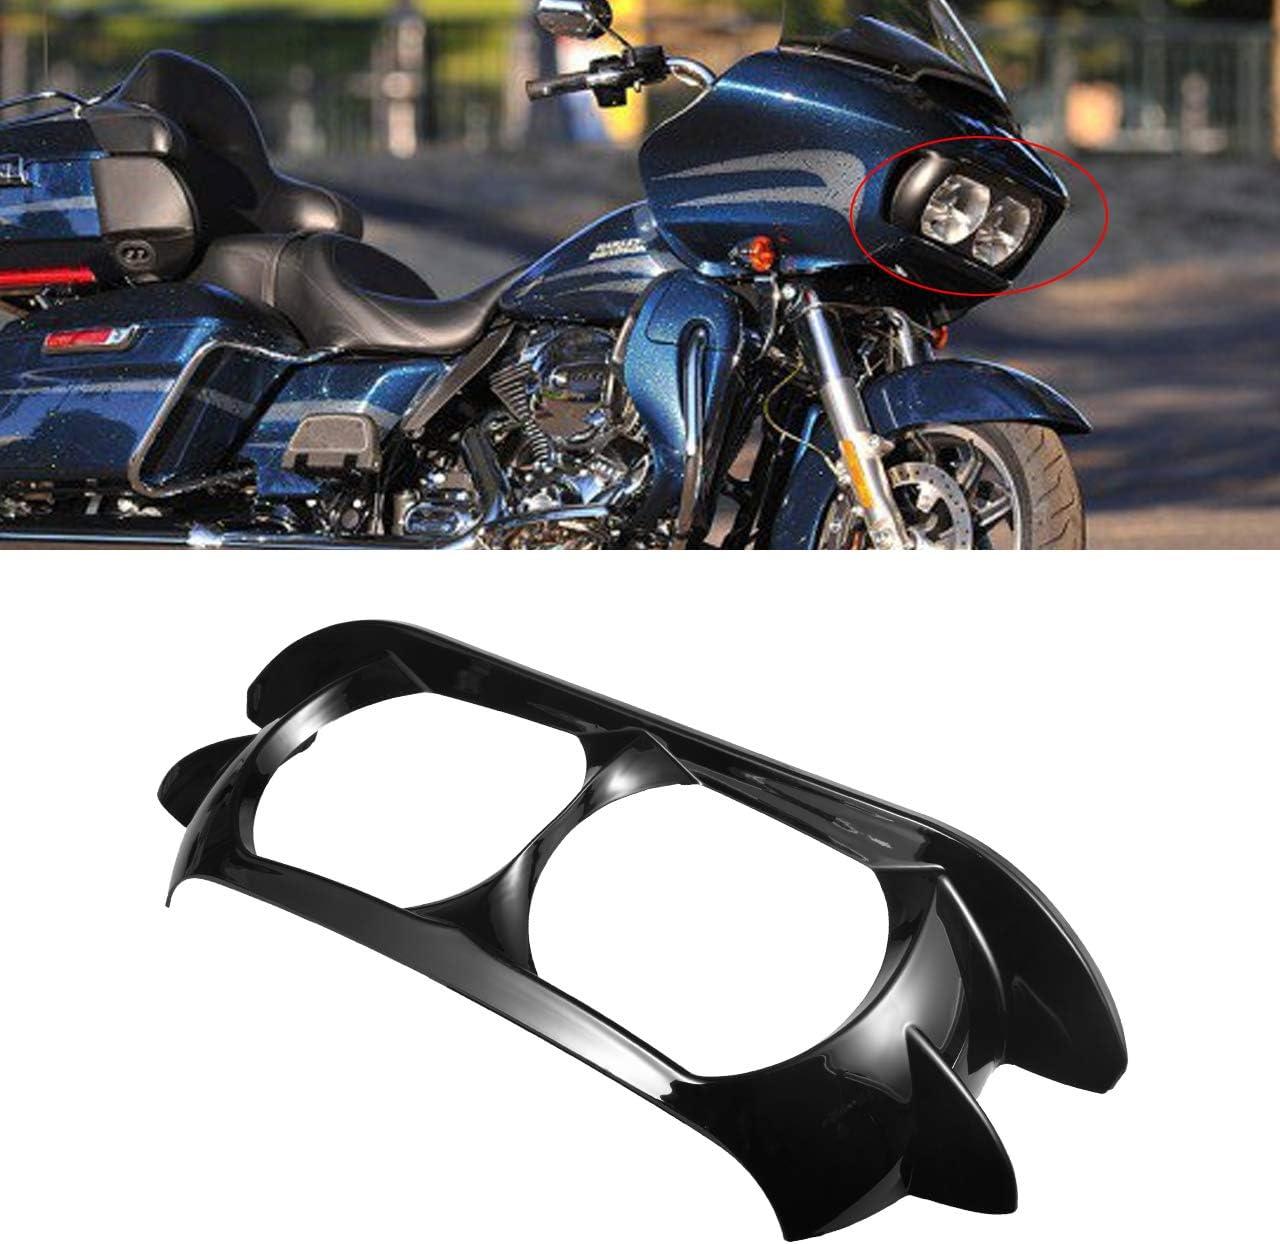 Tuincyn Scheinwerfer Blende Scowl äußere Verkleidung Für 2015 2019 Harley Davidson Road Glide Glänzend Schwarz Auto